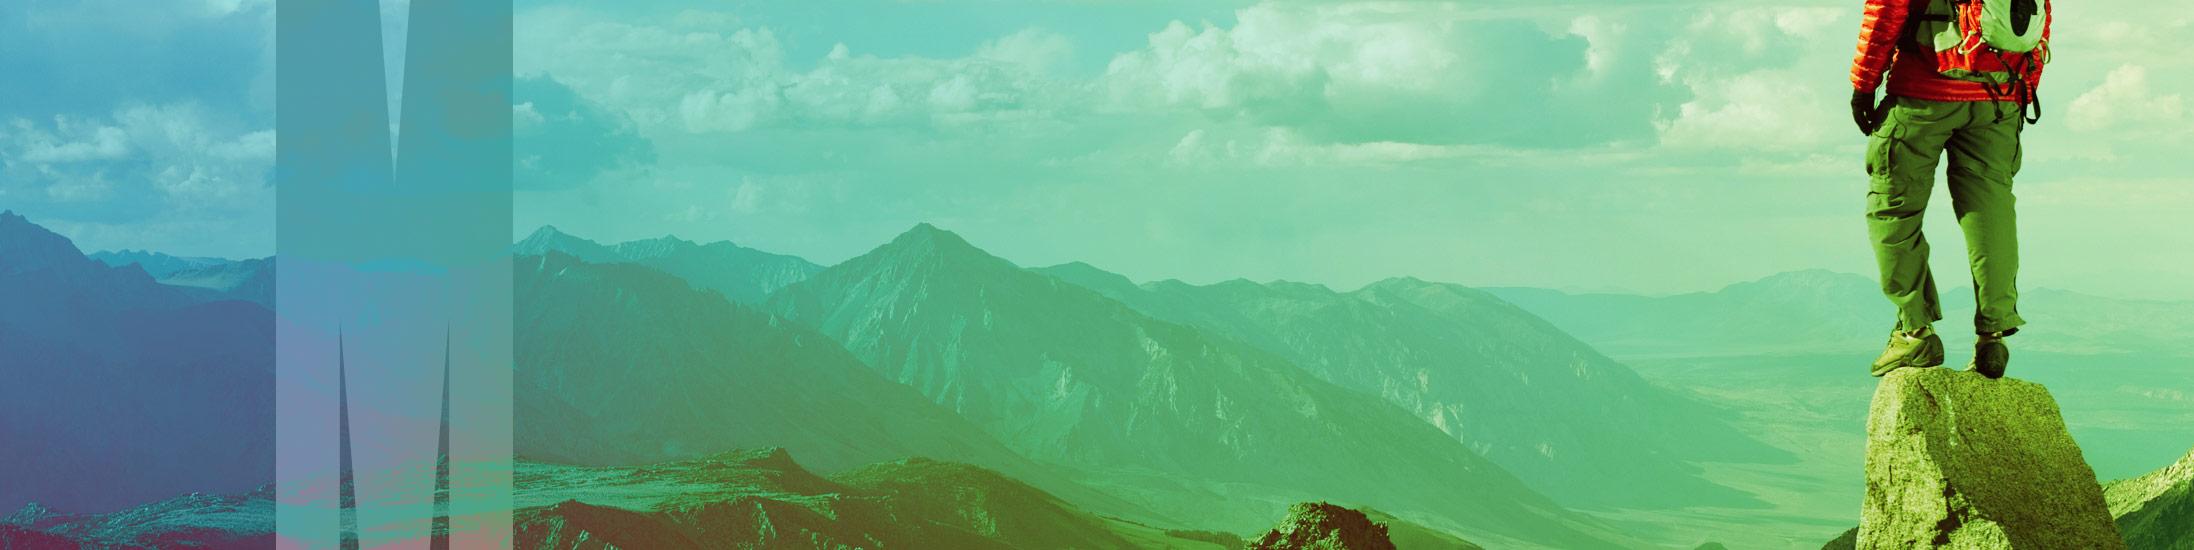 Mountains multi